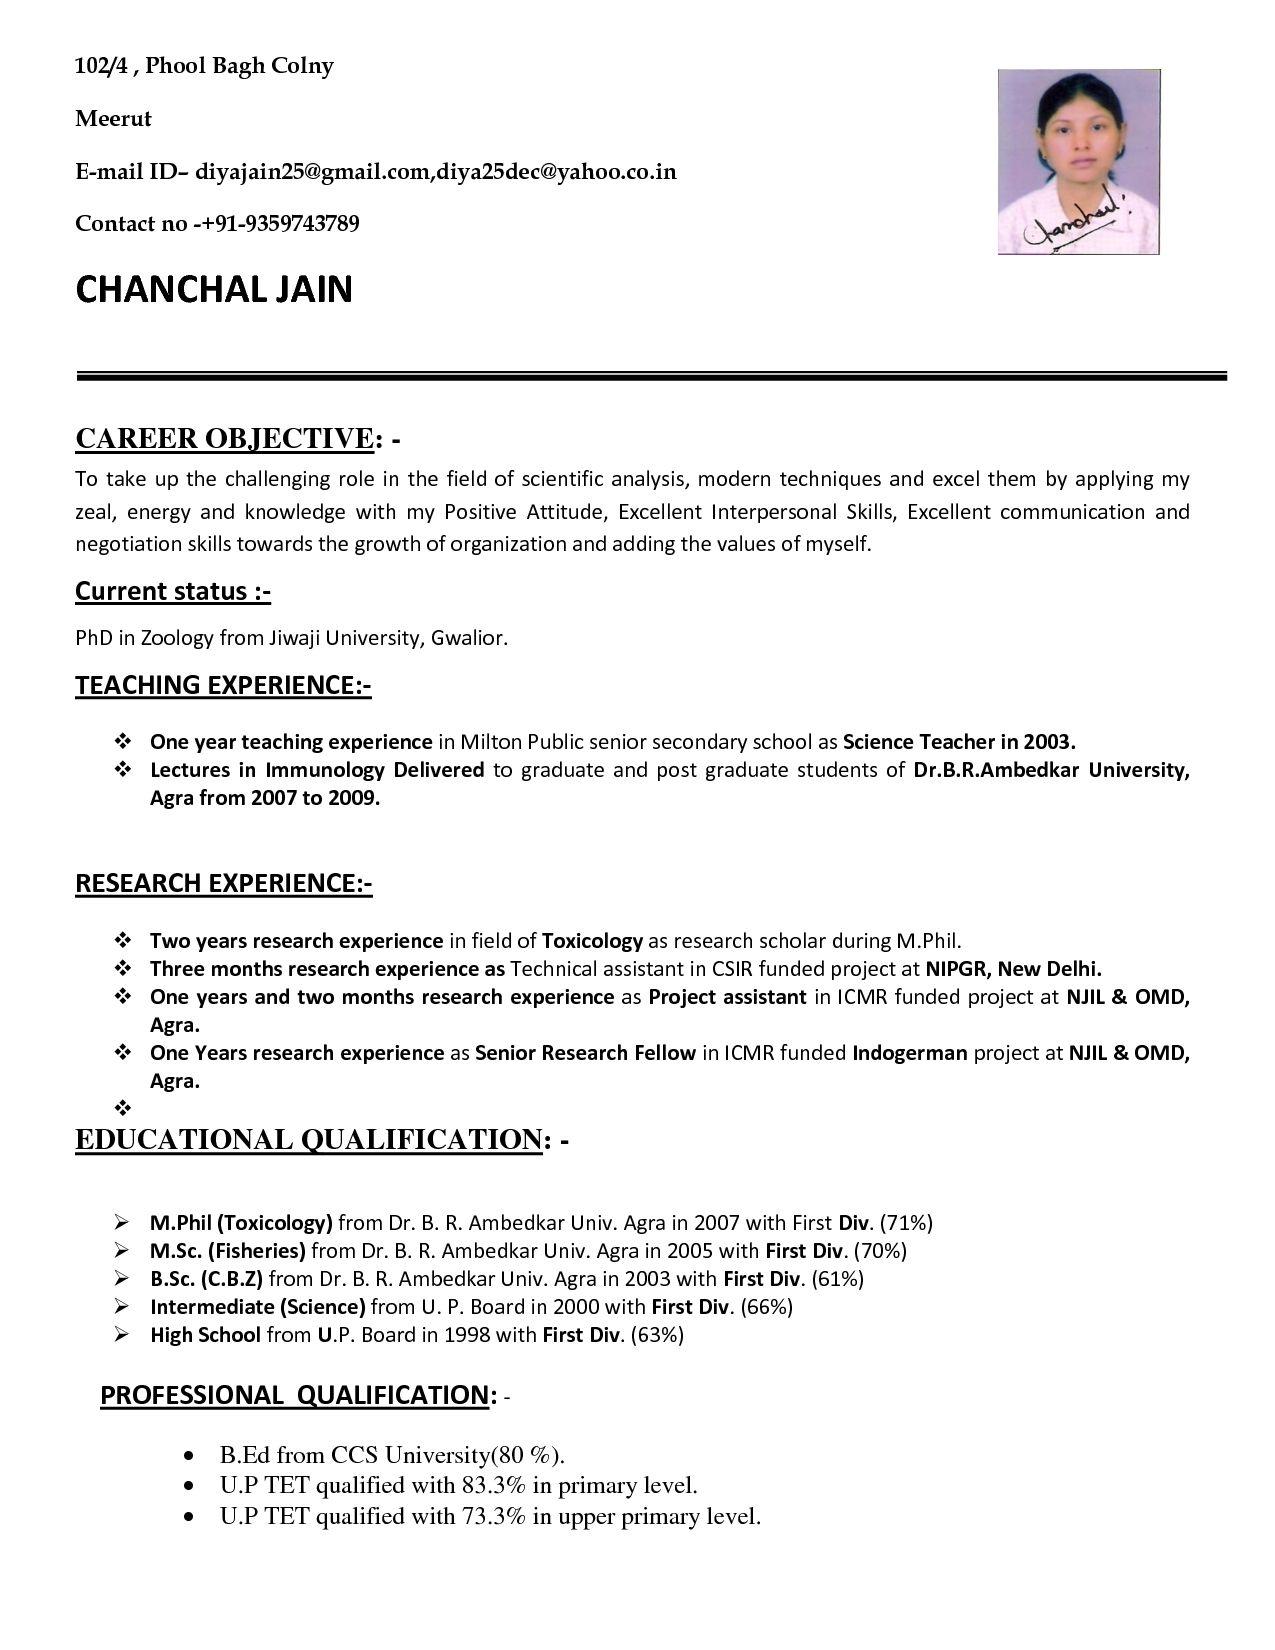 Resume Format For School Teacher Job It Resume Cover